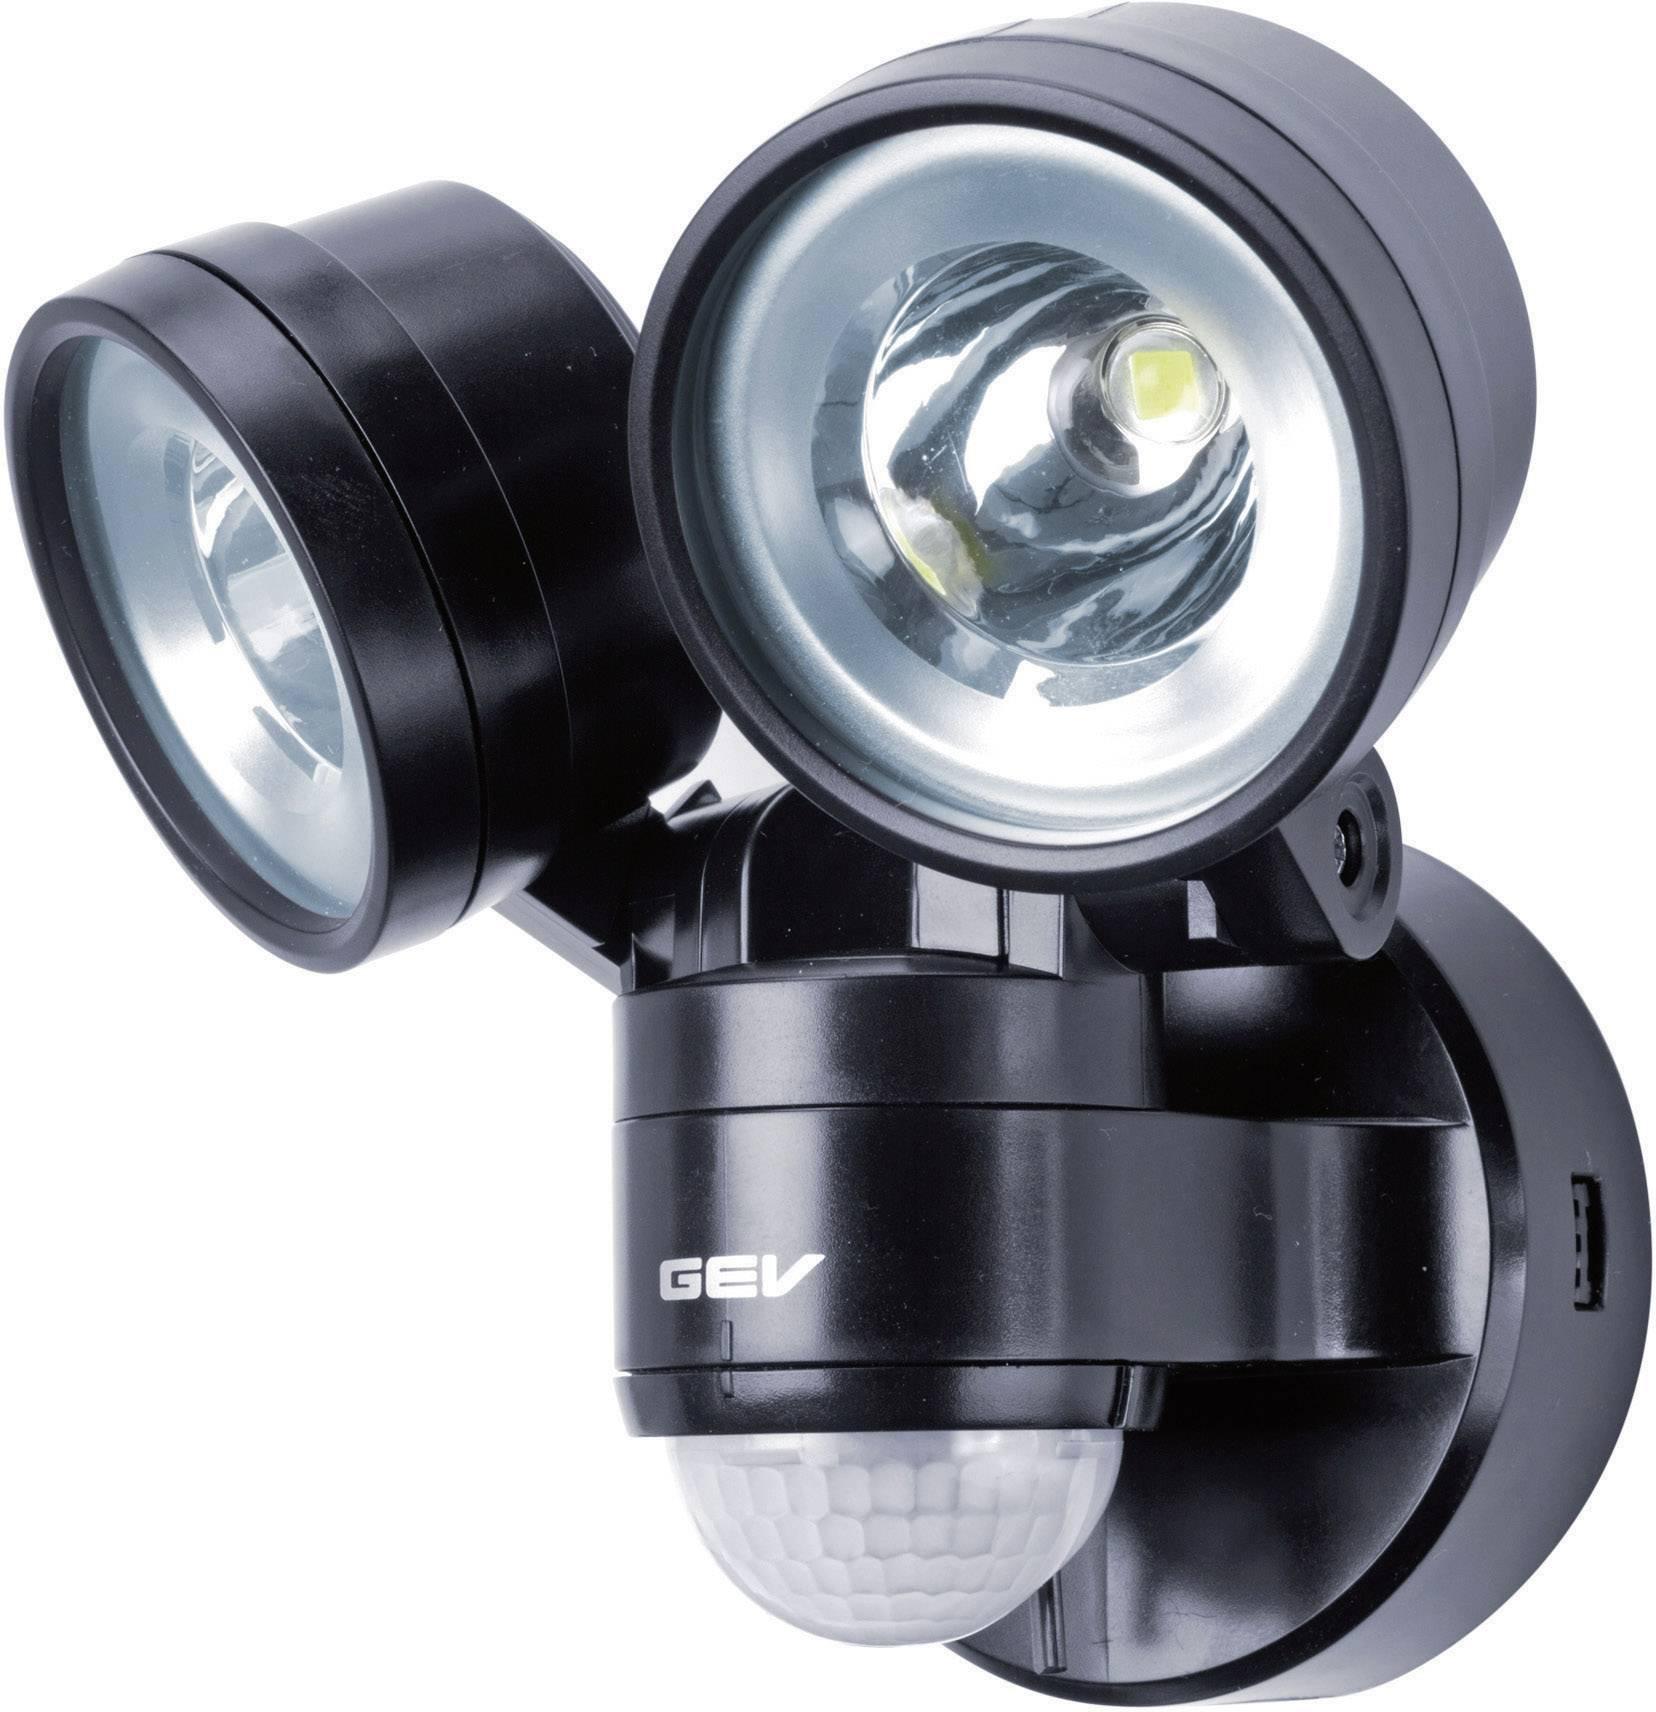 LEDvonkajšieosvetlenie s PIR senzorom GEV Duo LLL 14718 014718, 8 W, neutrálne biela, čierna